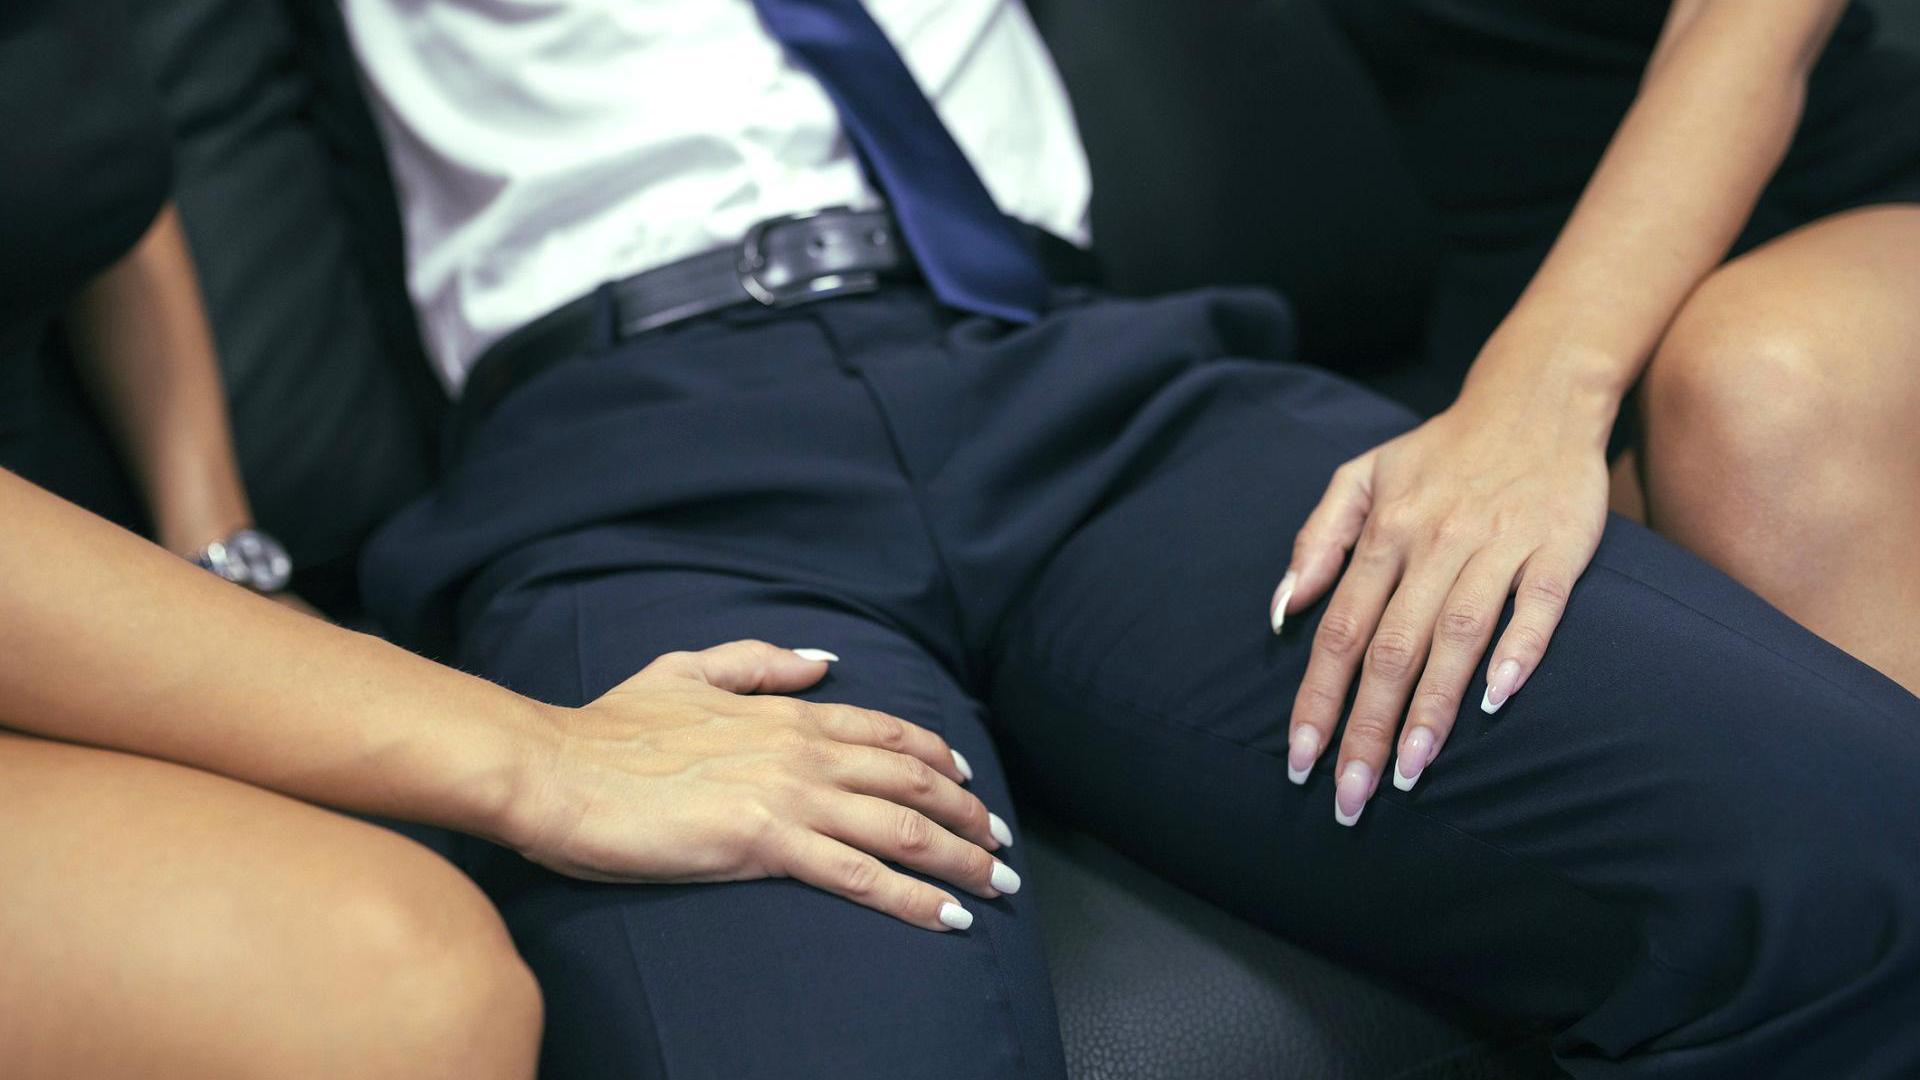 Zwei Frauen haben ihre Hände auf den Beinen eines Mannes